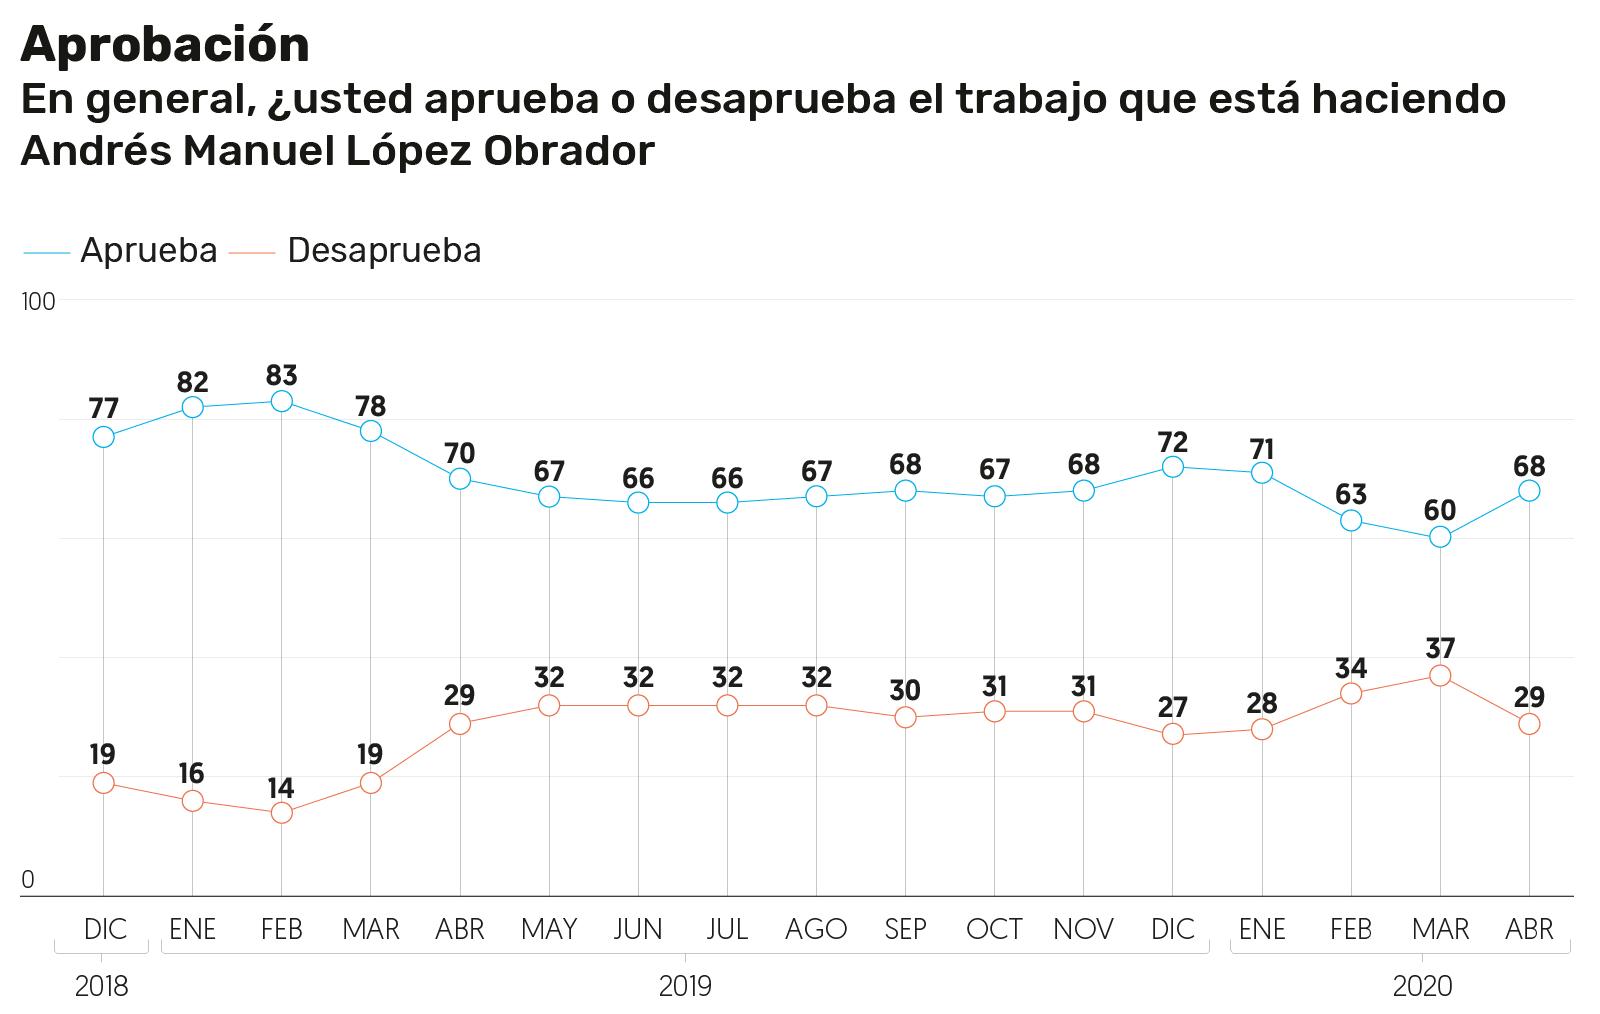 Sube aprobación de López Obrador